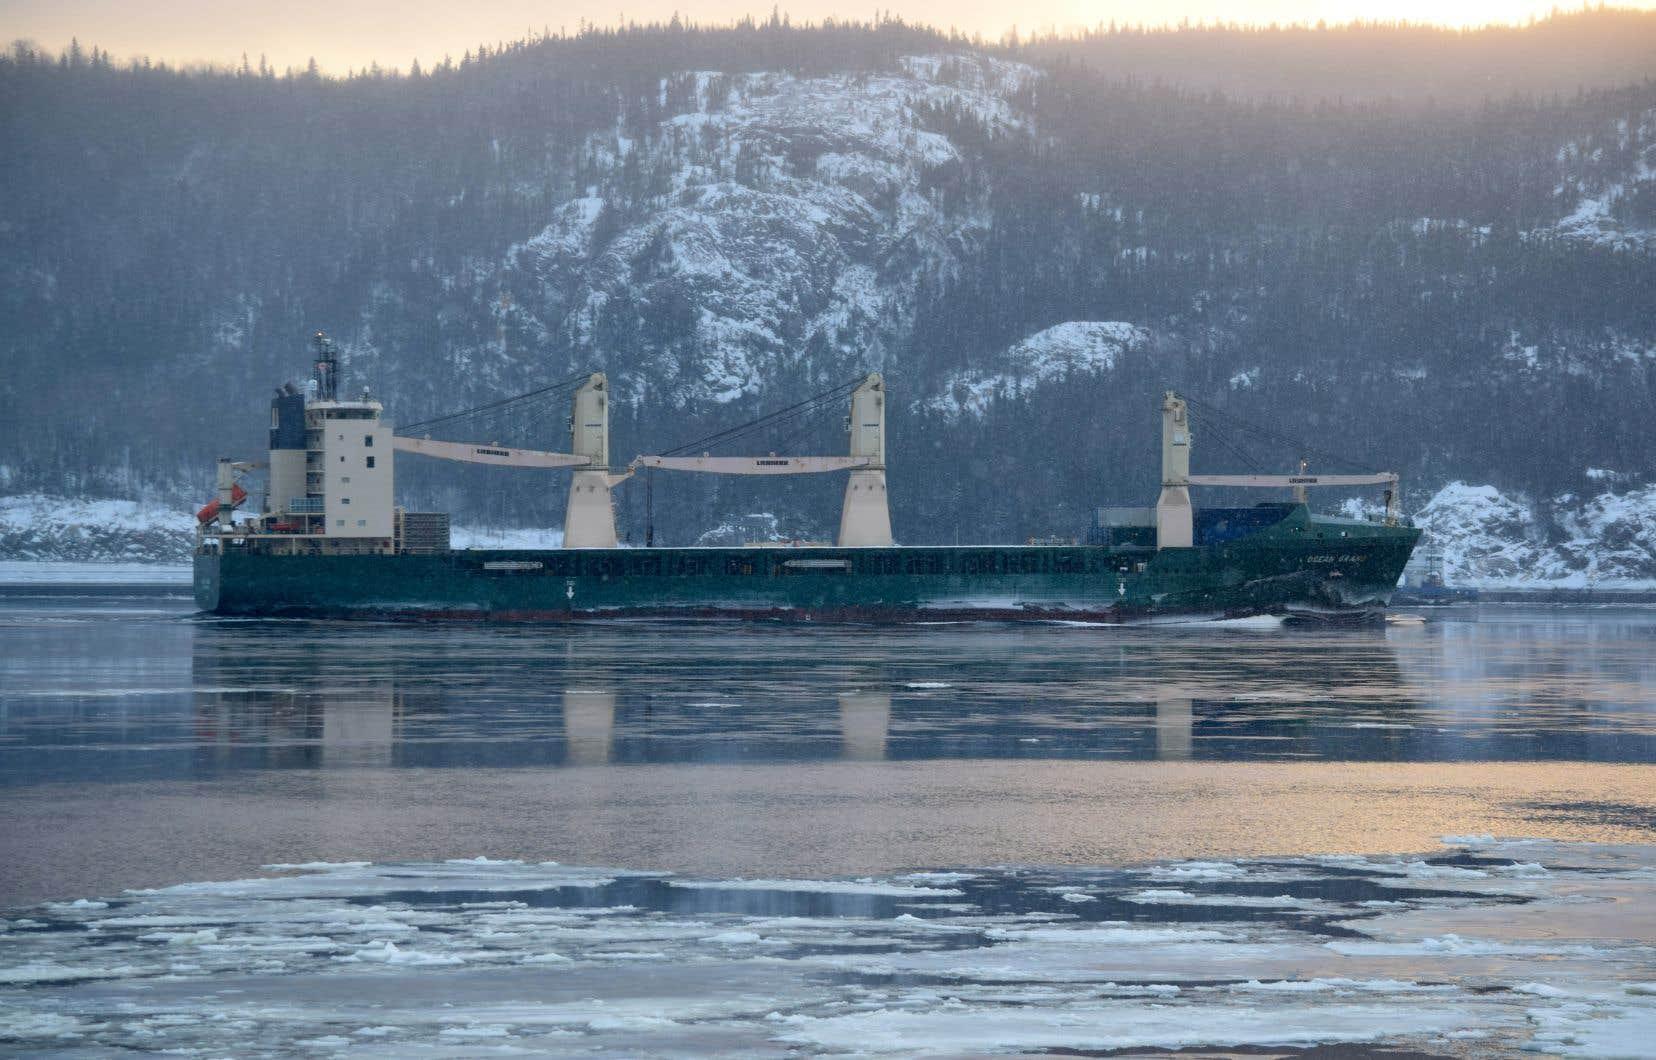 Les navires devront respecter la norme canadienne — plus sévère que celle de l'Organisation maritime internationale —, mais les armateurs pourront recourir au système d'épuration des gaz d'échappement.